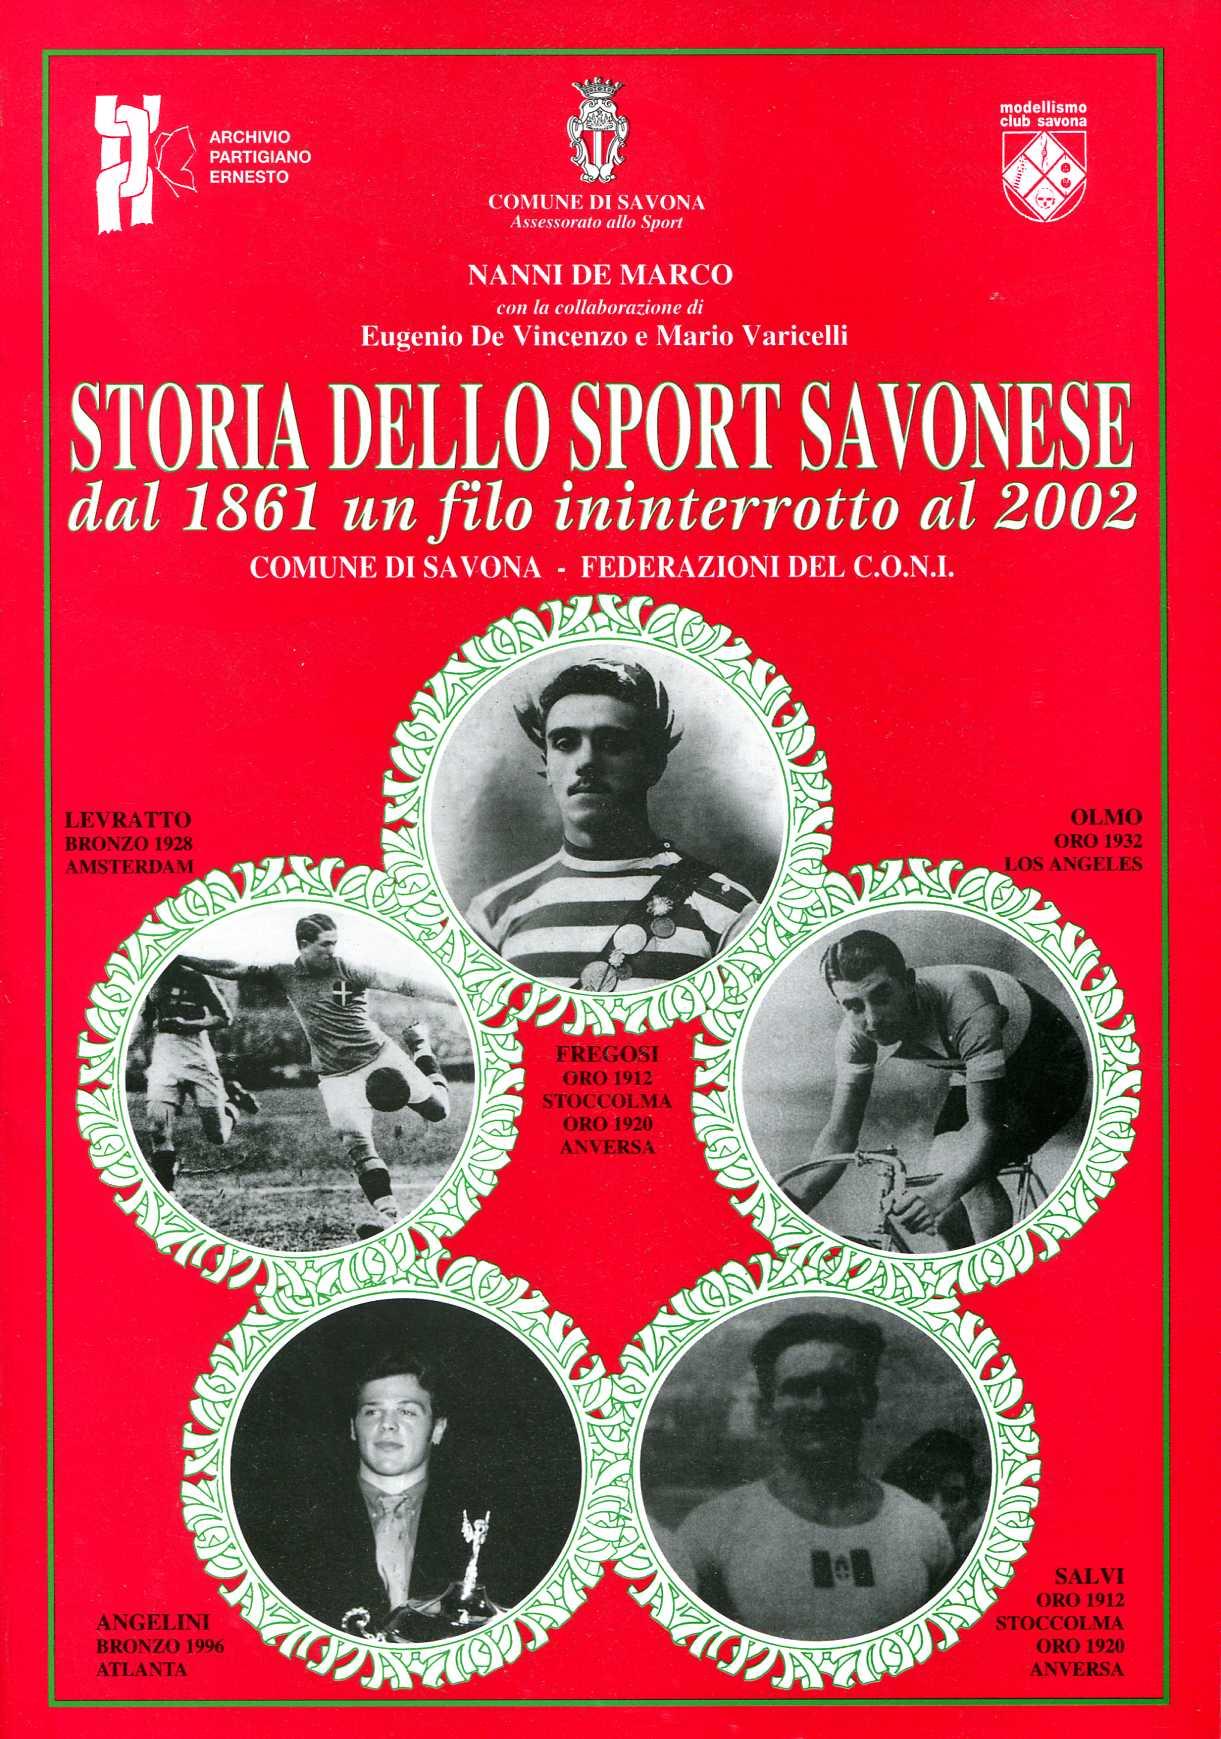 Storia dello sport savonese - Dal 1861 un filo ininterrotto al 2002